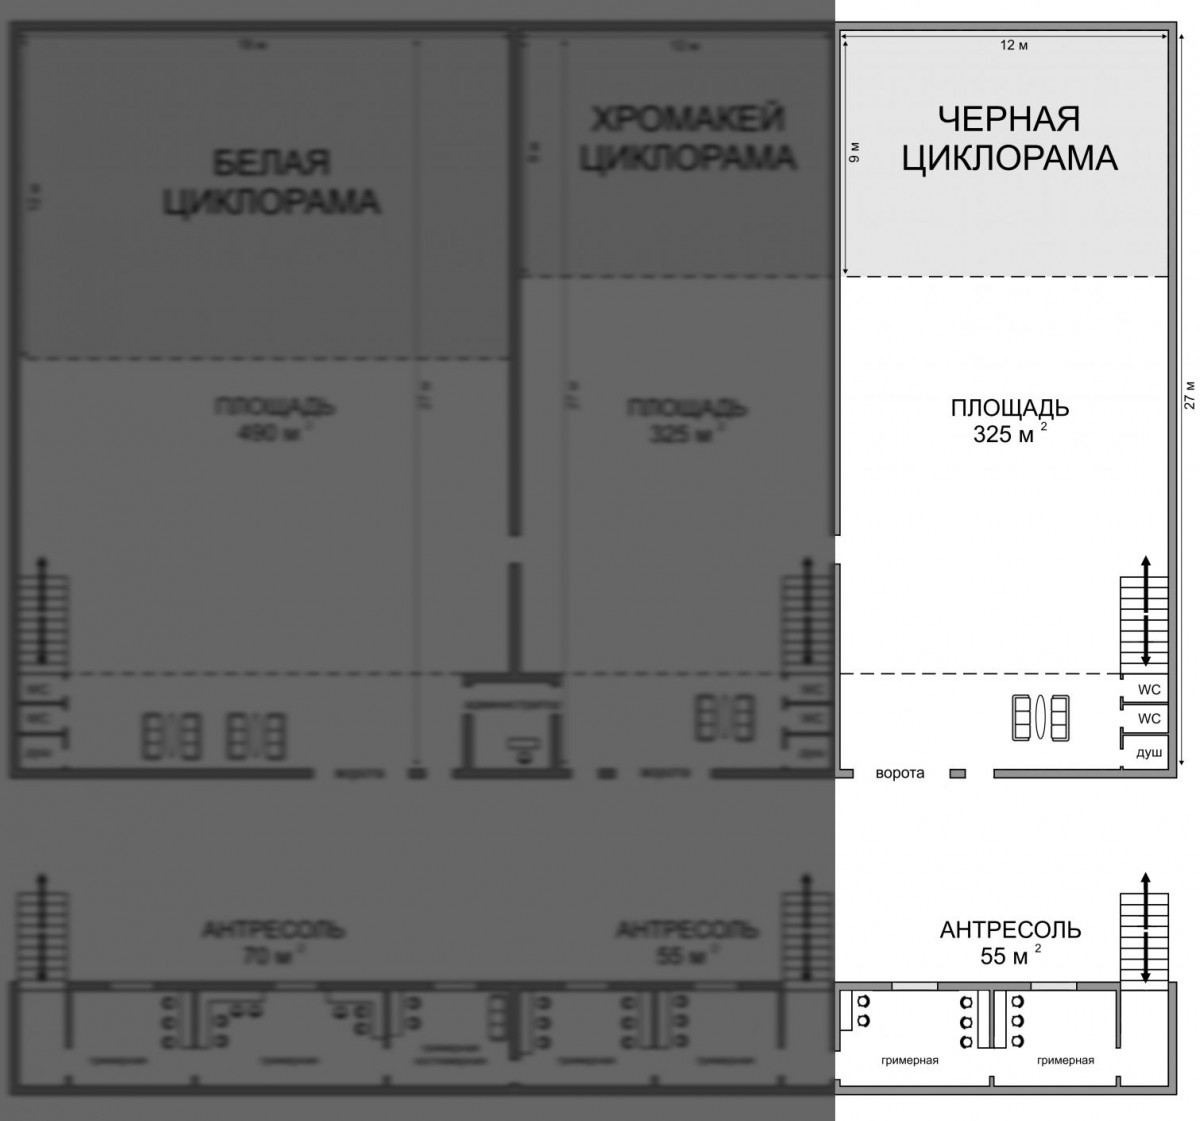 Съемочный павильон №10 (380 м<sup>2</sup>)<br>(Зал с черной циклорамой)